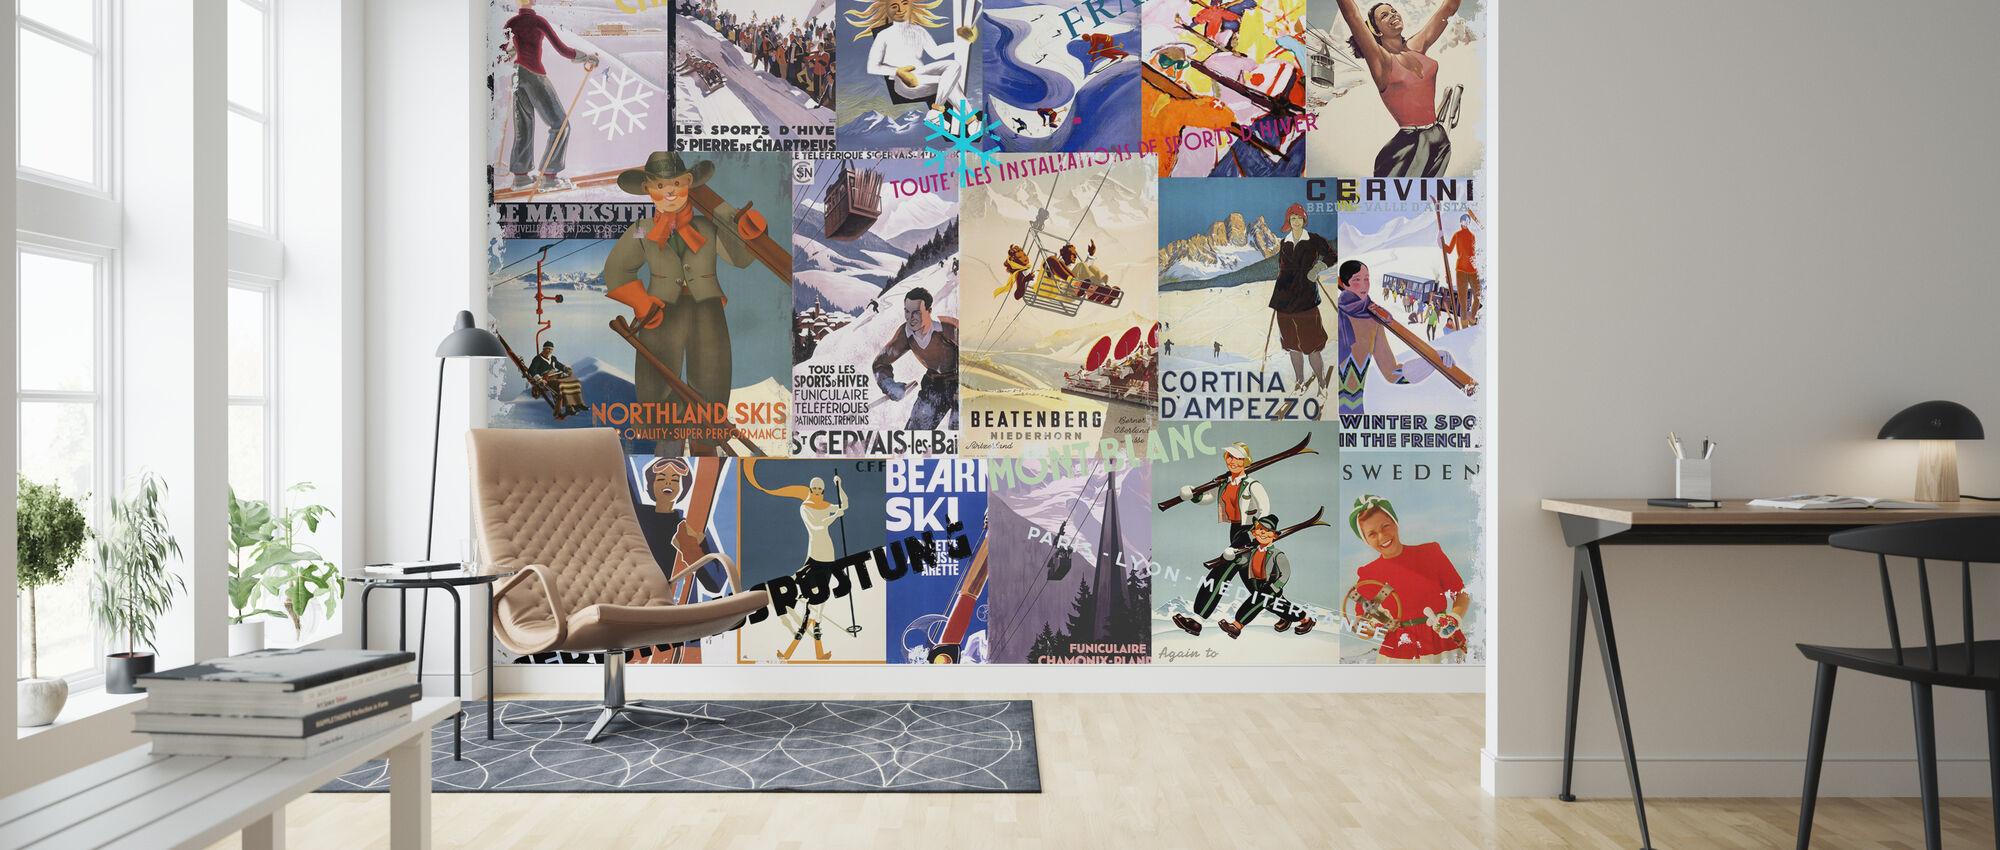 Resorts Collage Ski - Tapet - Stue